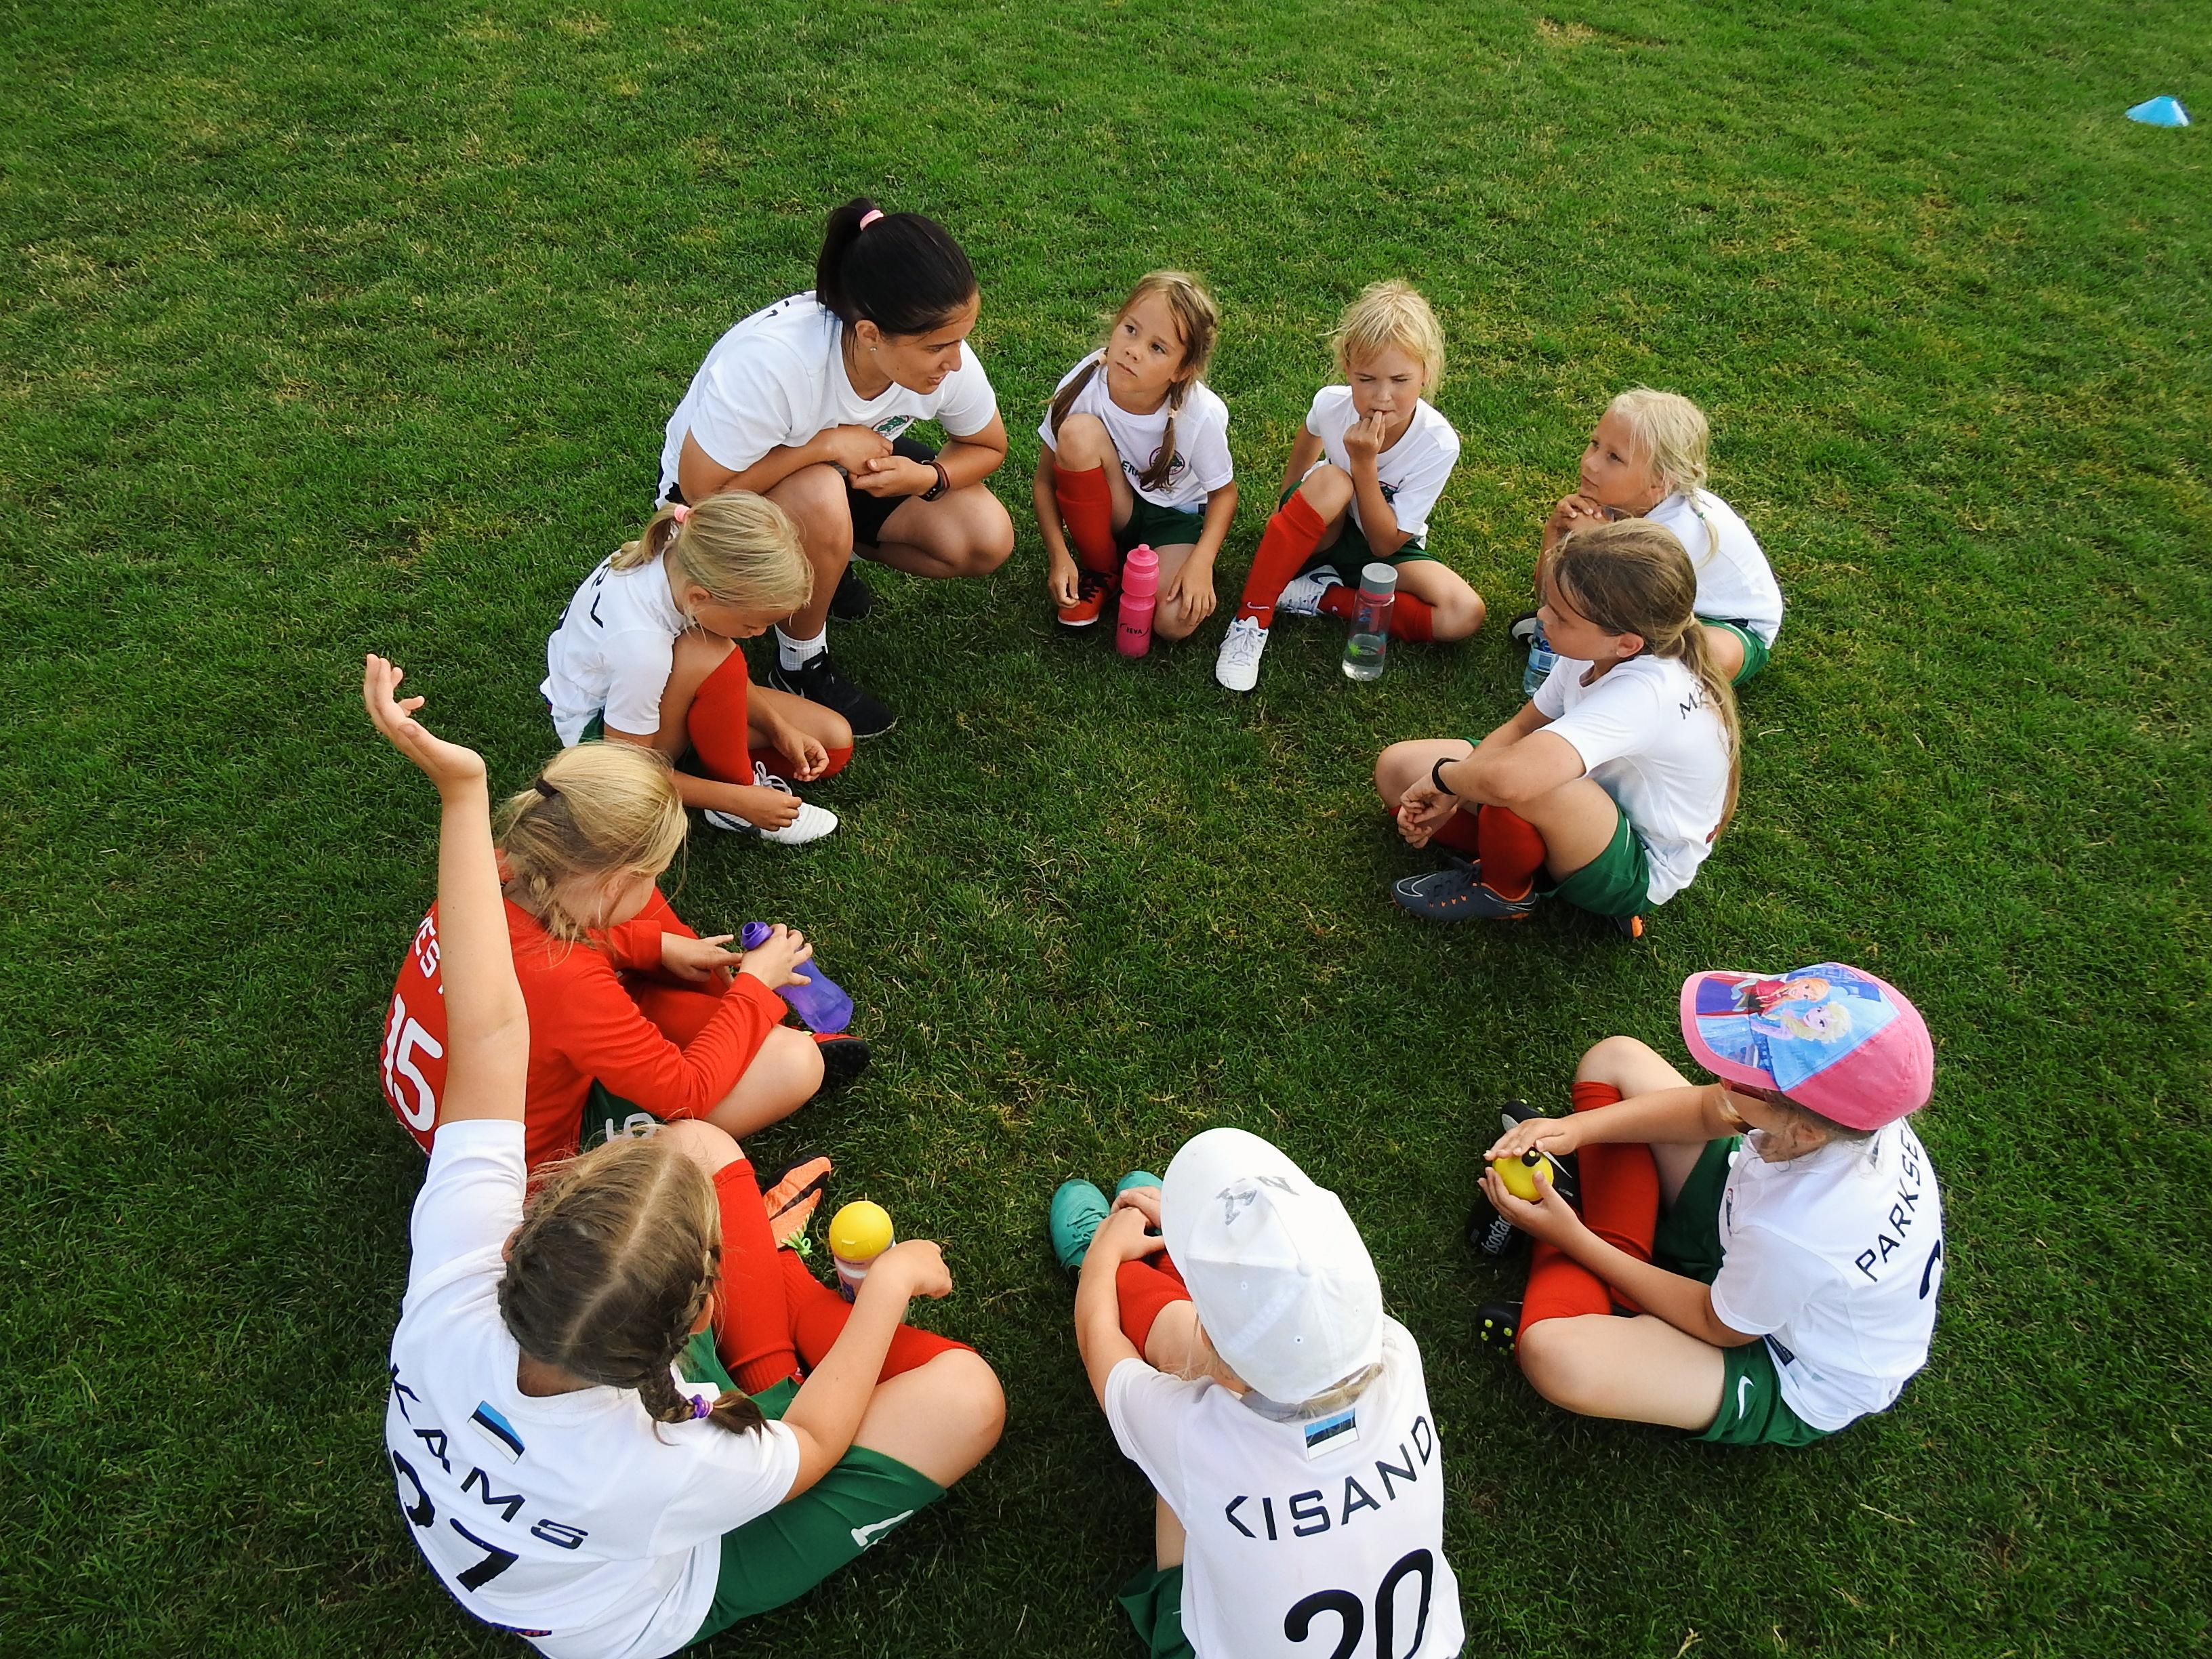 Marie pisikesed jalgpallitüdrukud turniiril Foto: Marko Parksepp